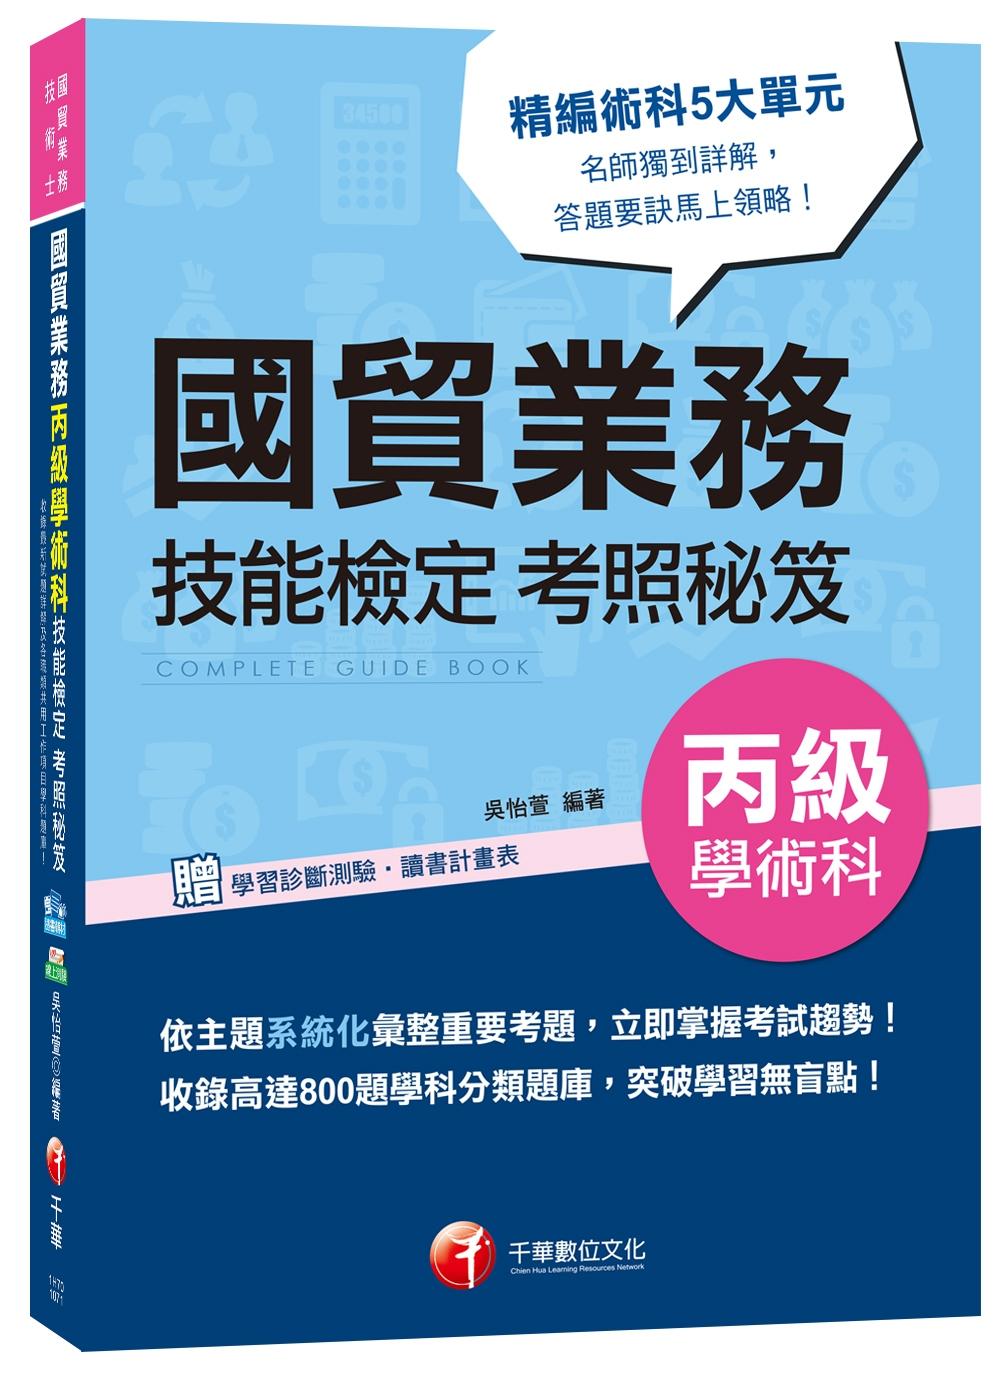 《各職類共用工作項目學科全收錄!國貿業務丙級學術科技能檢定考照秘笈》 商品條碼,ISBN:9789864873043